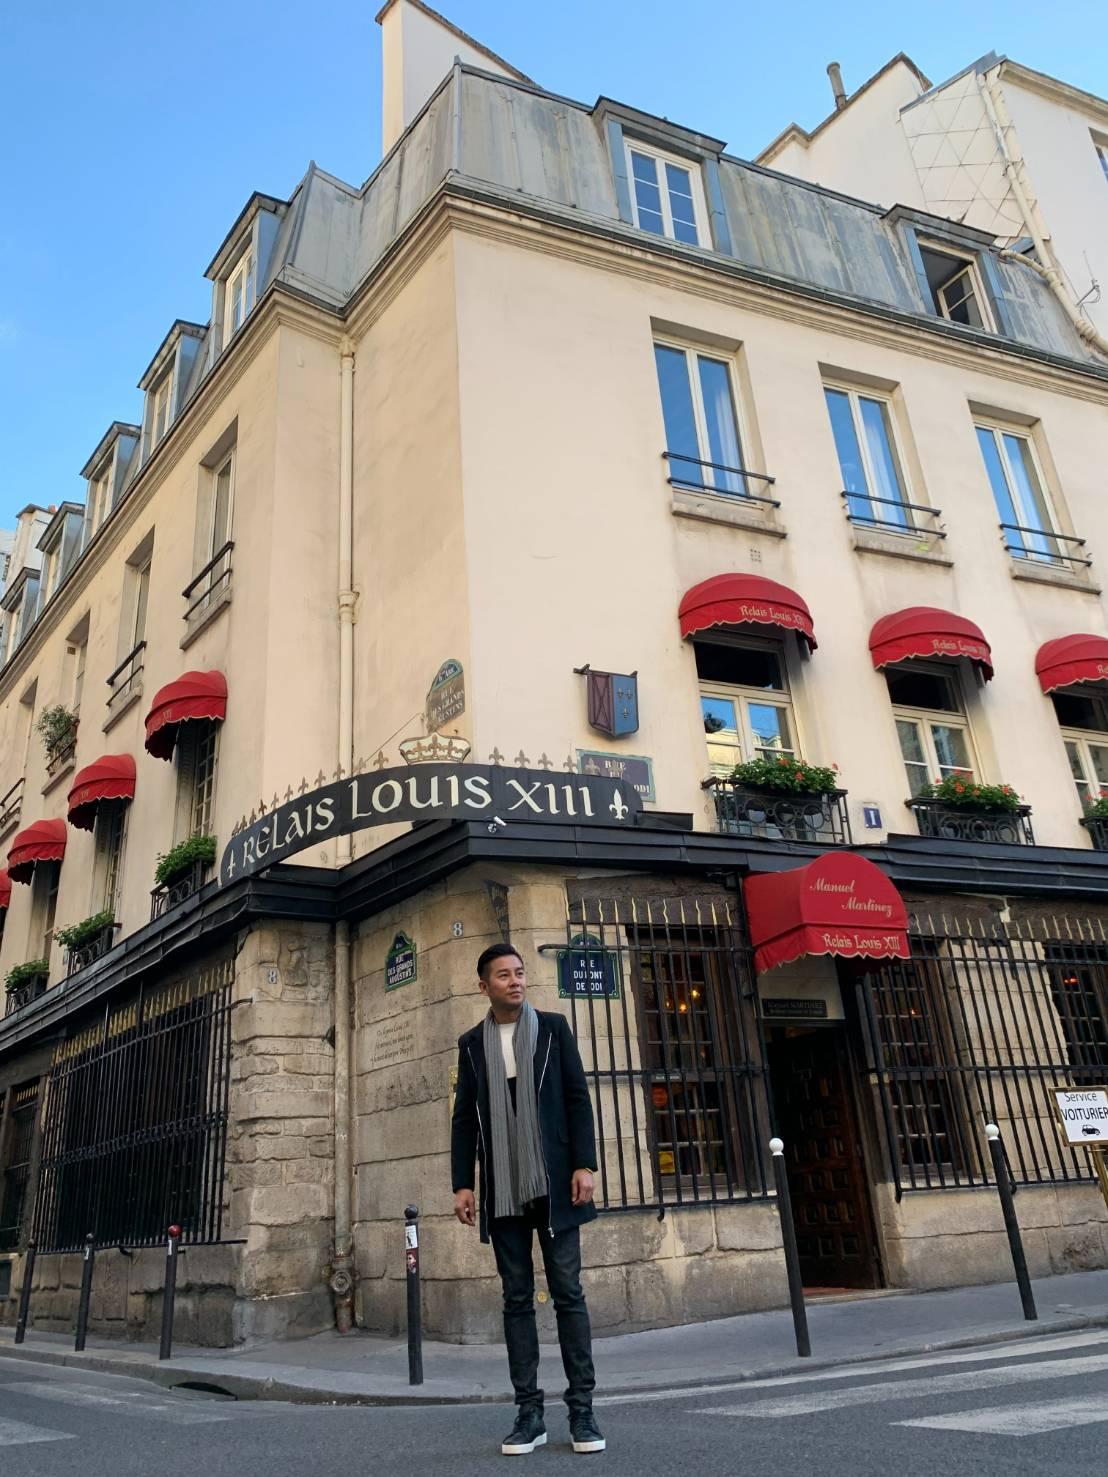 ▲除了逛當地的超市,他們也吃了幾間米其林餐廳,Relais Louis XIII是其中一家。